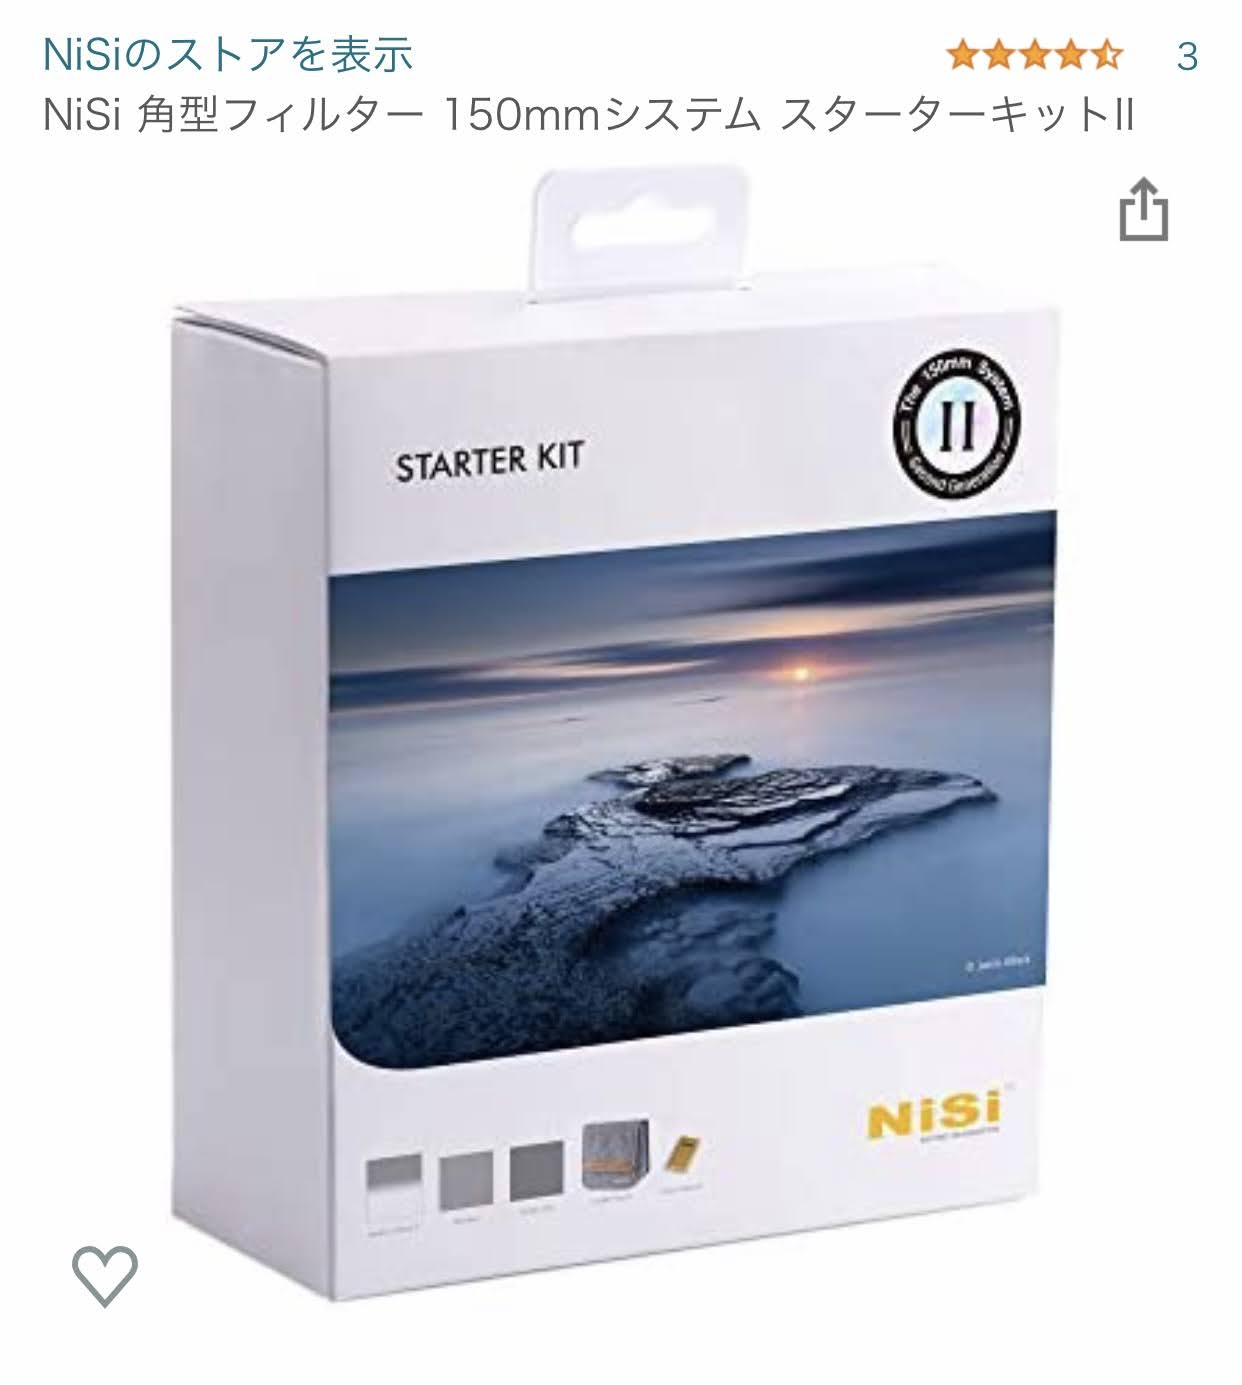 NiSi 角型フィルター 150mmシステム スターターキットII